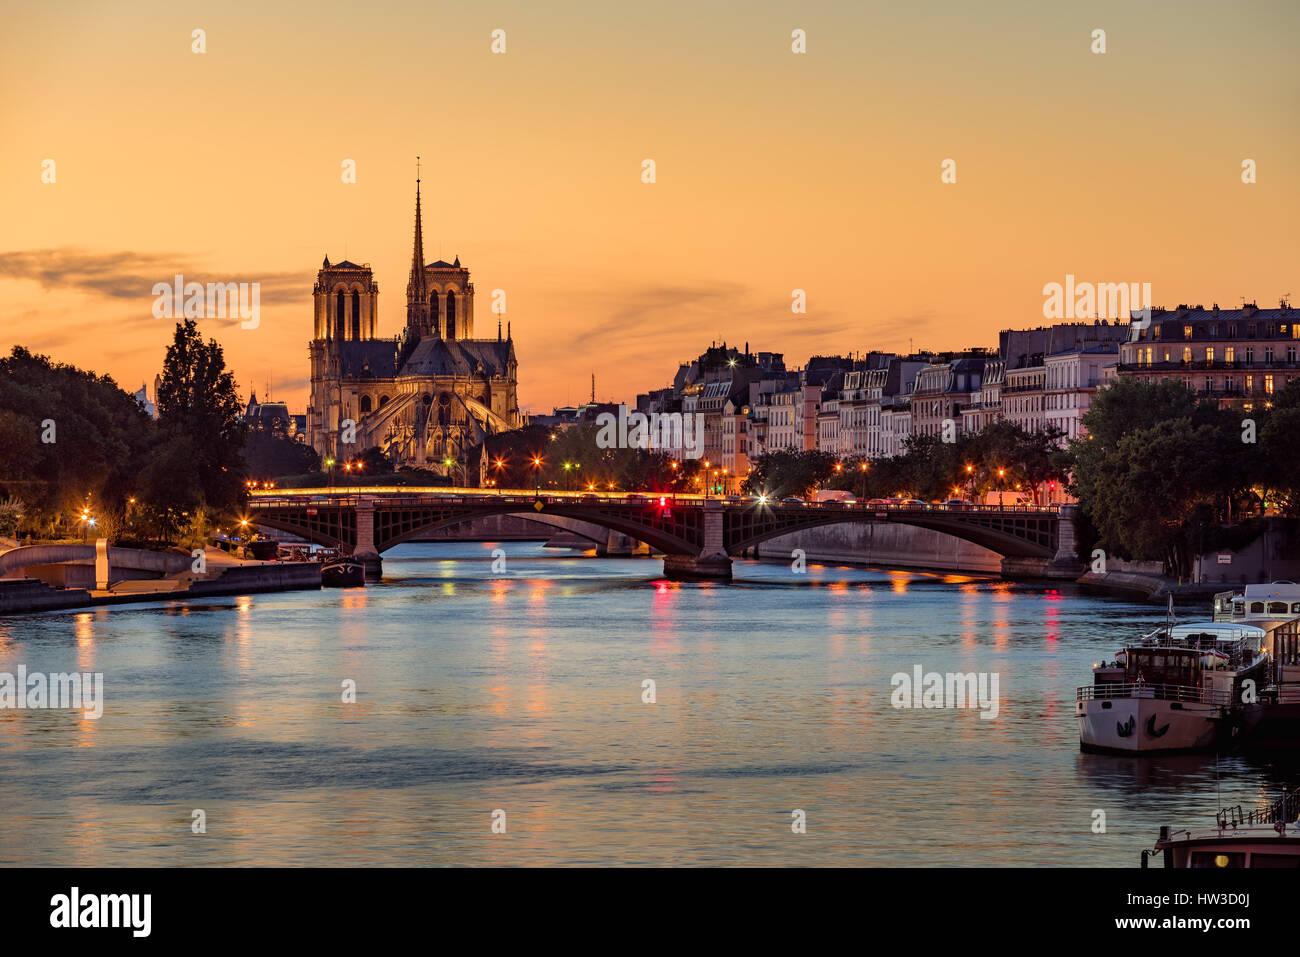 Kathedrale Notre Dame de Paris, Ile Saint Louis und dem Seineufer bei Sonnenuntergang. Sommerabend mit Sully Brücke Stockbild